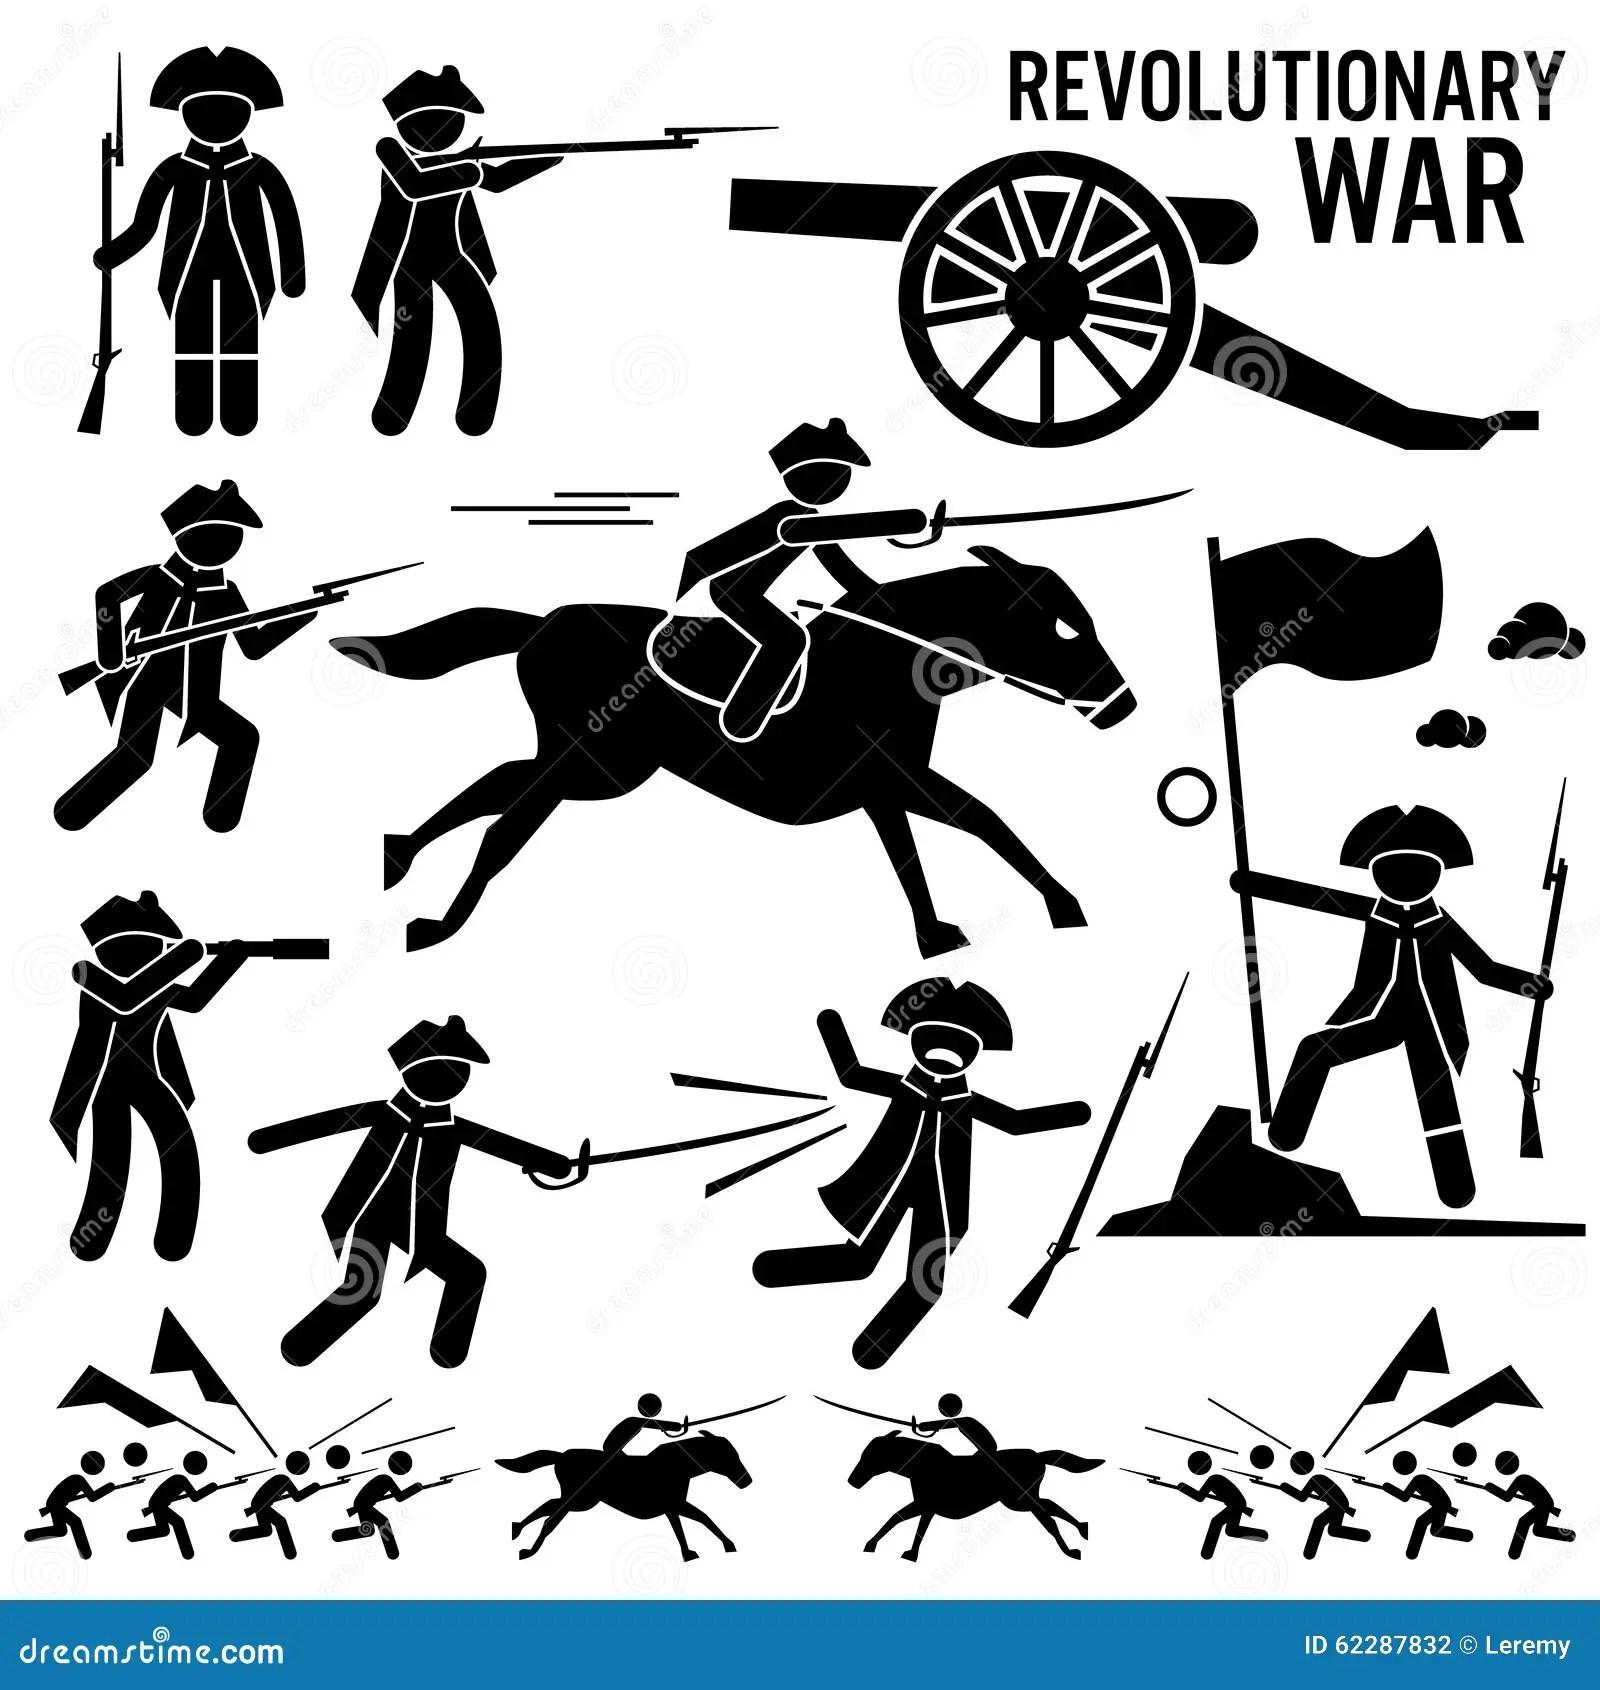 Revolutionary War Sol R Horse Gun Sword Fight